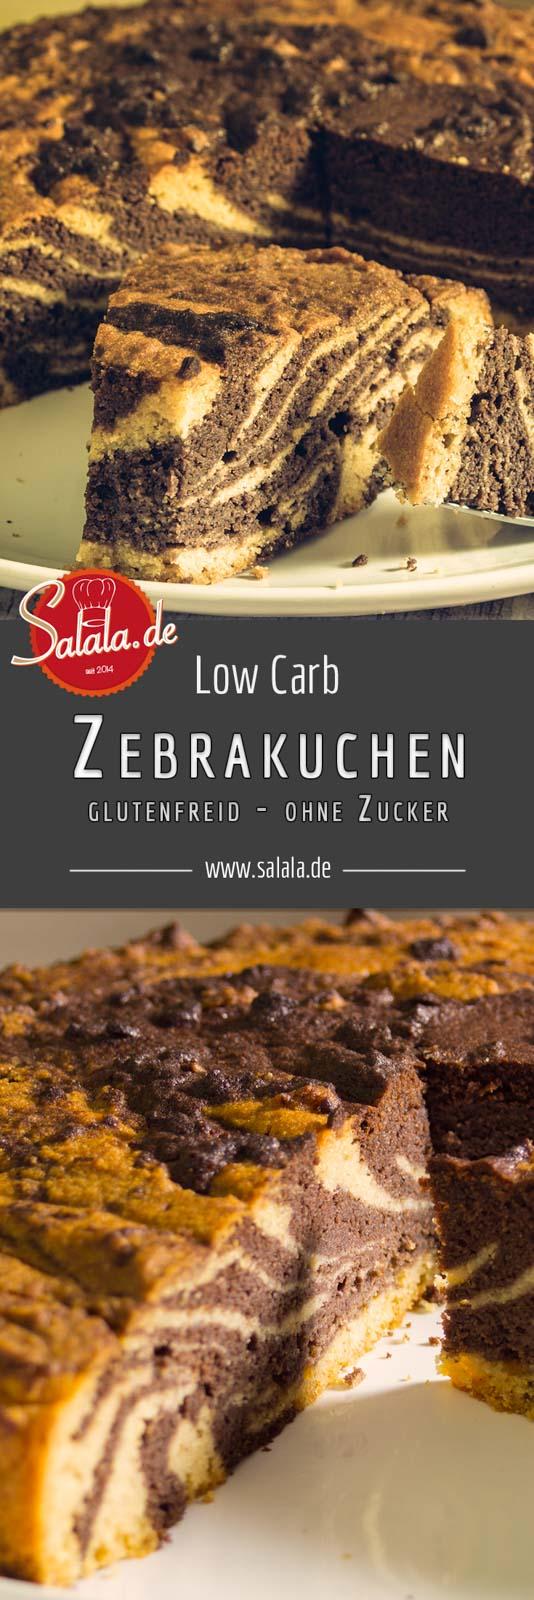 Zebrakuchen Rezept Low Carb backen glutenfrei ohne Mehl salala.de Um einen Zebramuster in den Kuchen zu kriegen muss man eigentlich nicht viel tun: einen fließfähigen Teig bauen, in zwei Hälften teilen und eine Hälfte einfärben.